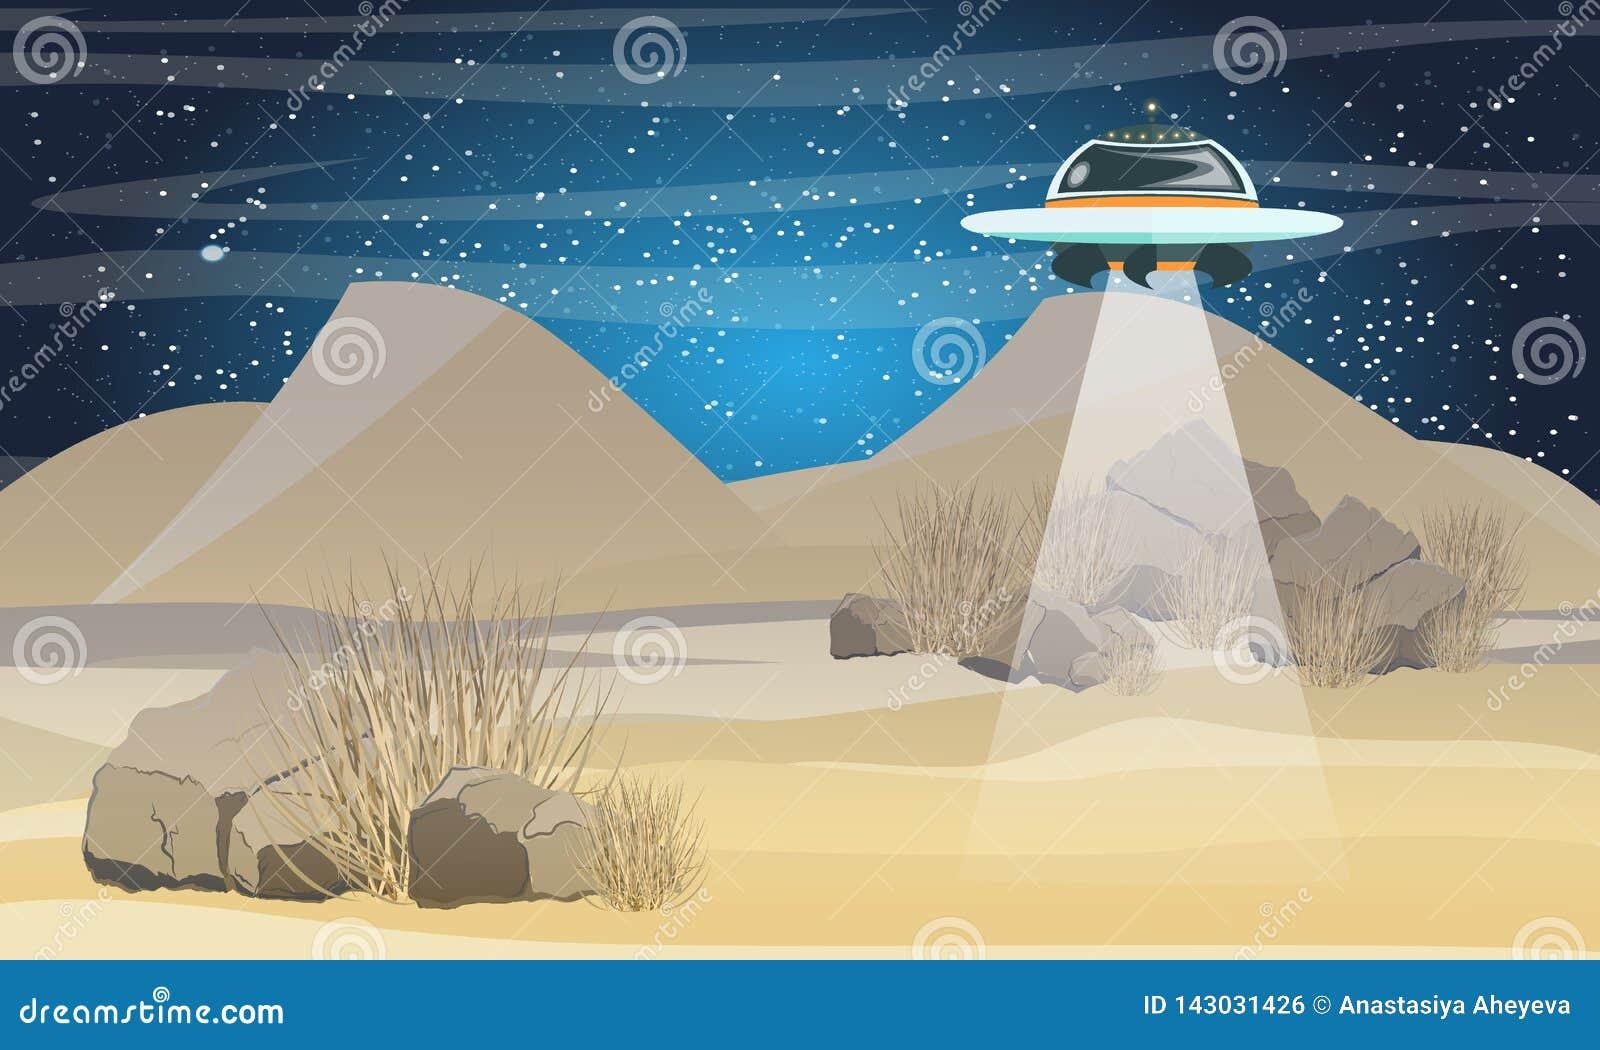 Πετώντας πιατάκι που πετά πέρα από την έρημο Διαστημικό ταξίδι έρημος Σαχάρα Η άφιξη των αλλοδαπών στη γη